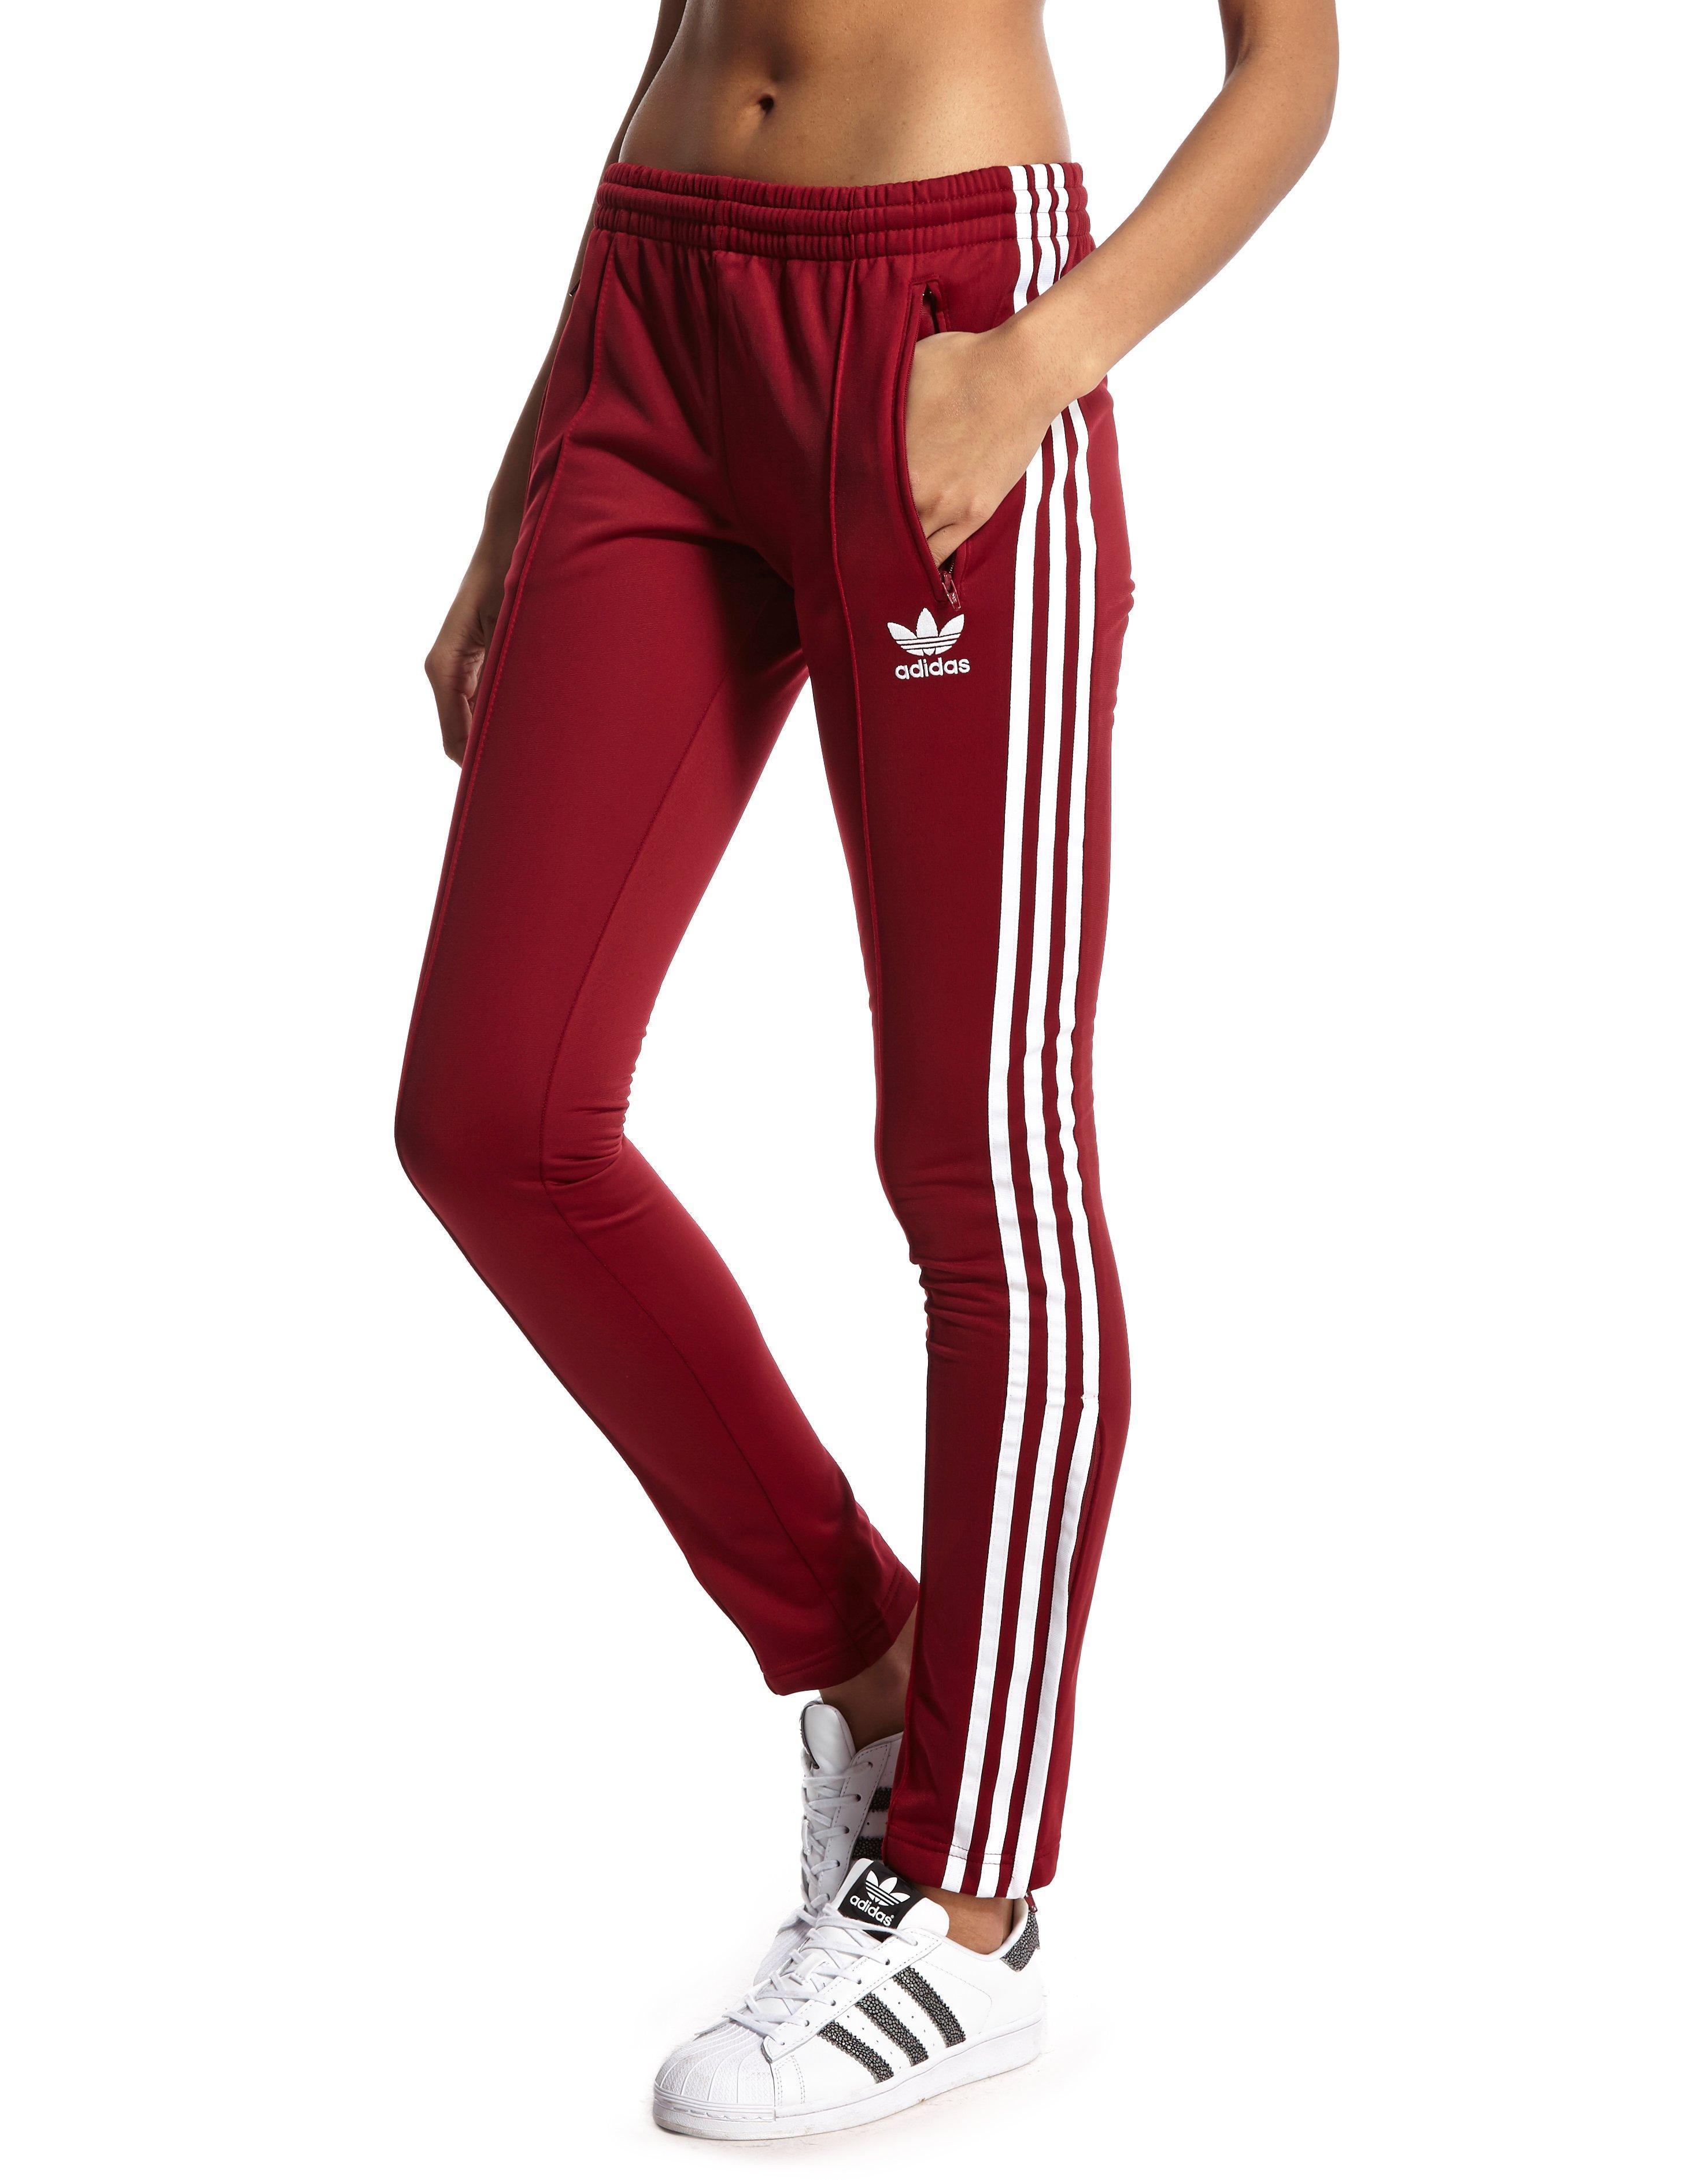 burgundy adidas pants